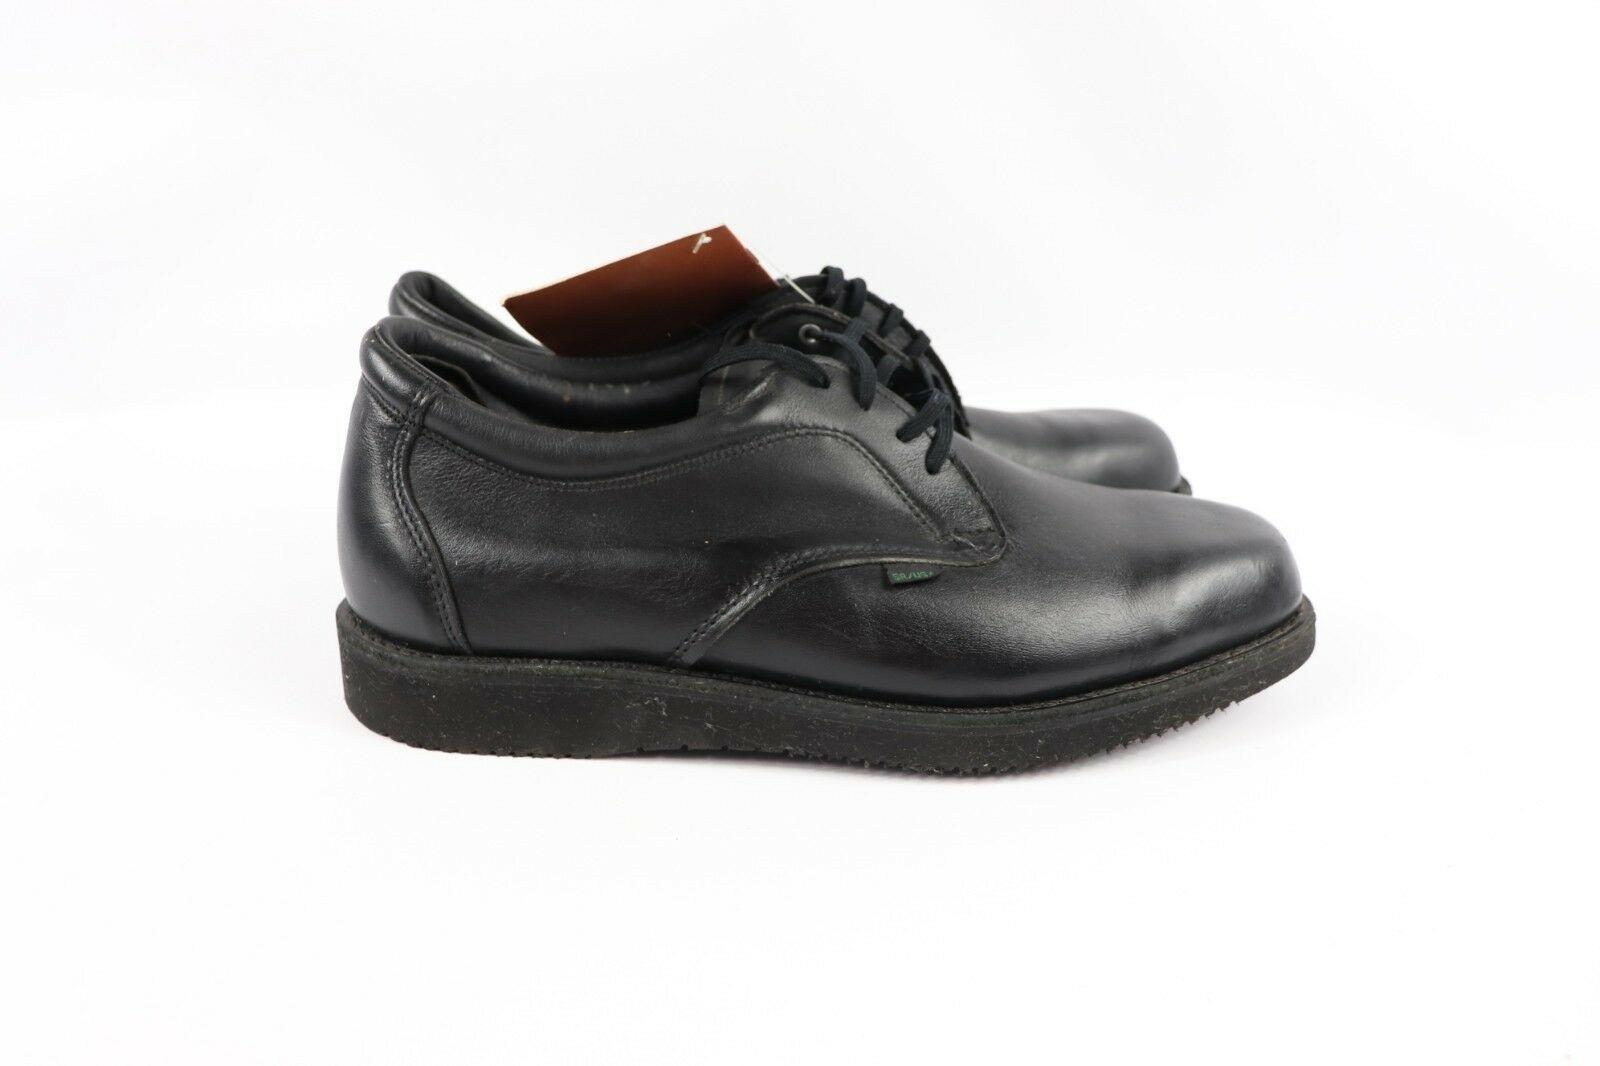 Vintage Nuevo Red Wing Shoes Hombre 11 D 9126 Punta Suave Cuero Oxford Cartero image 4